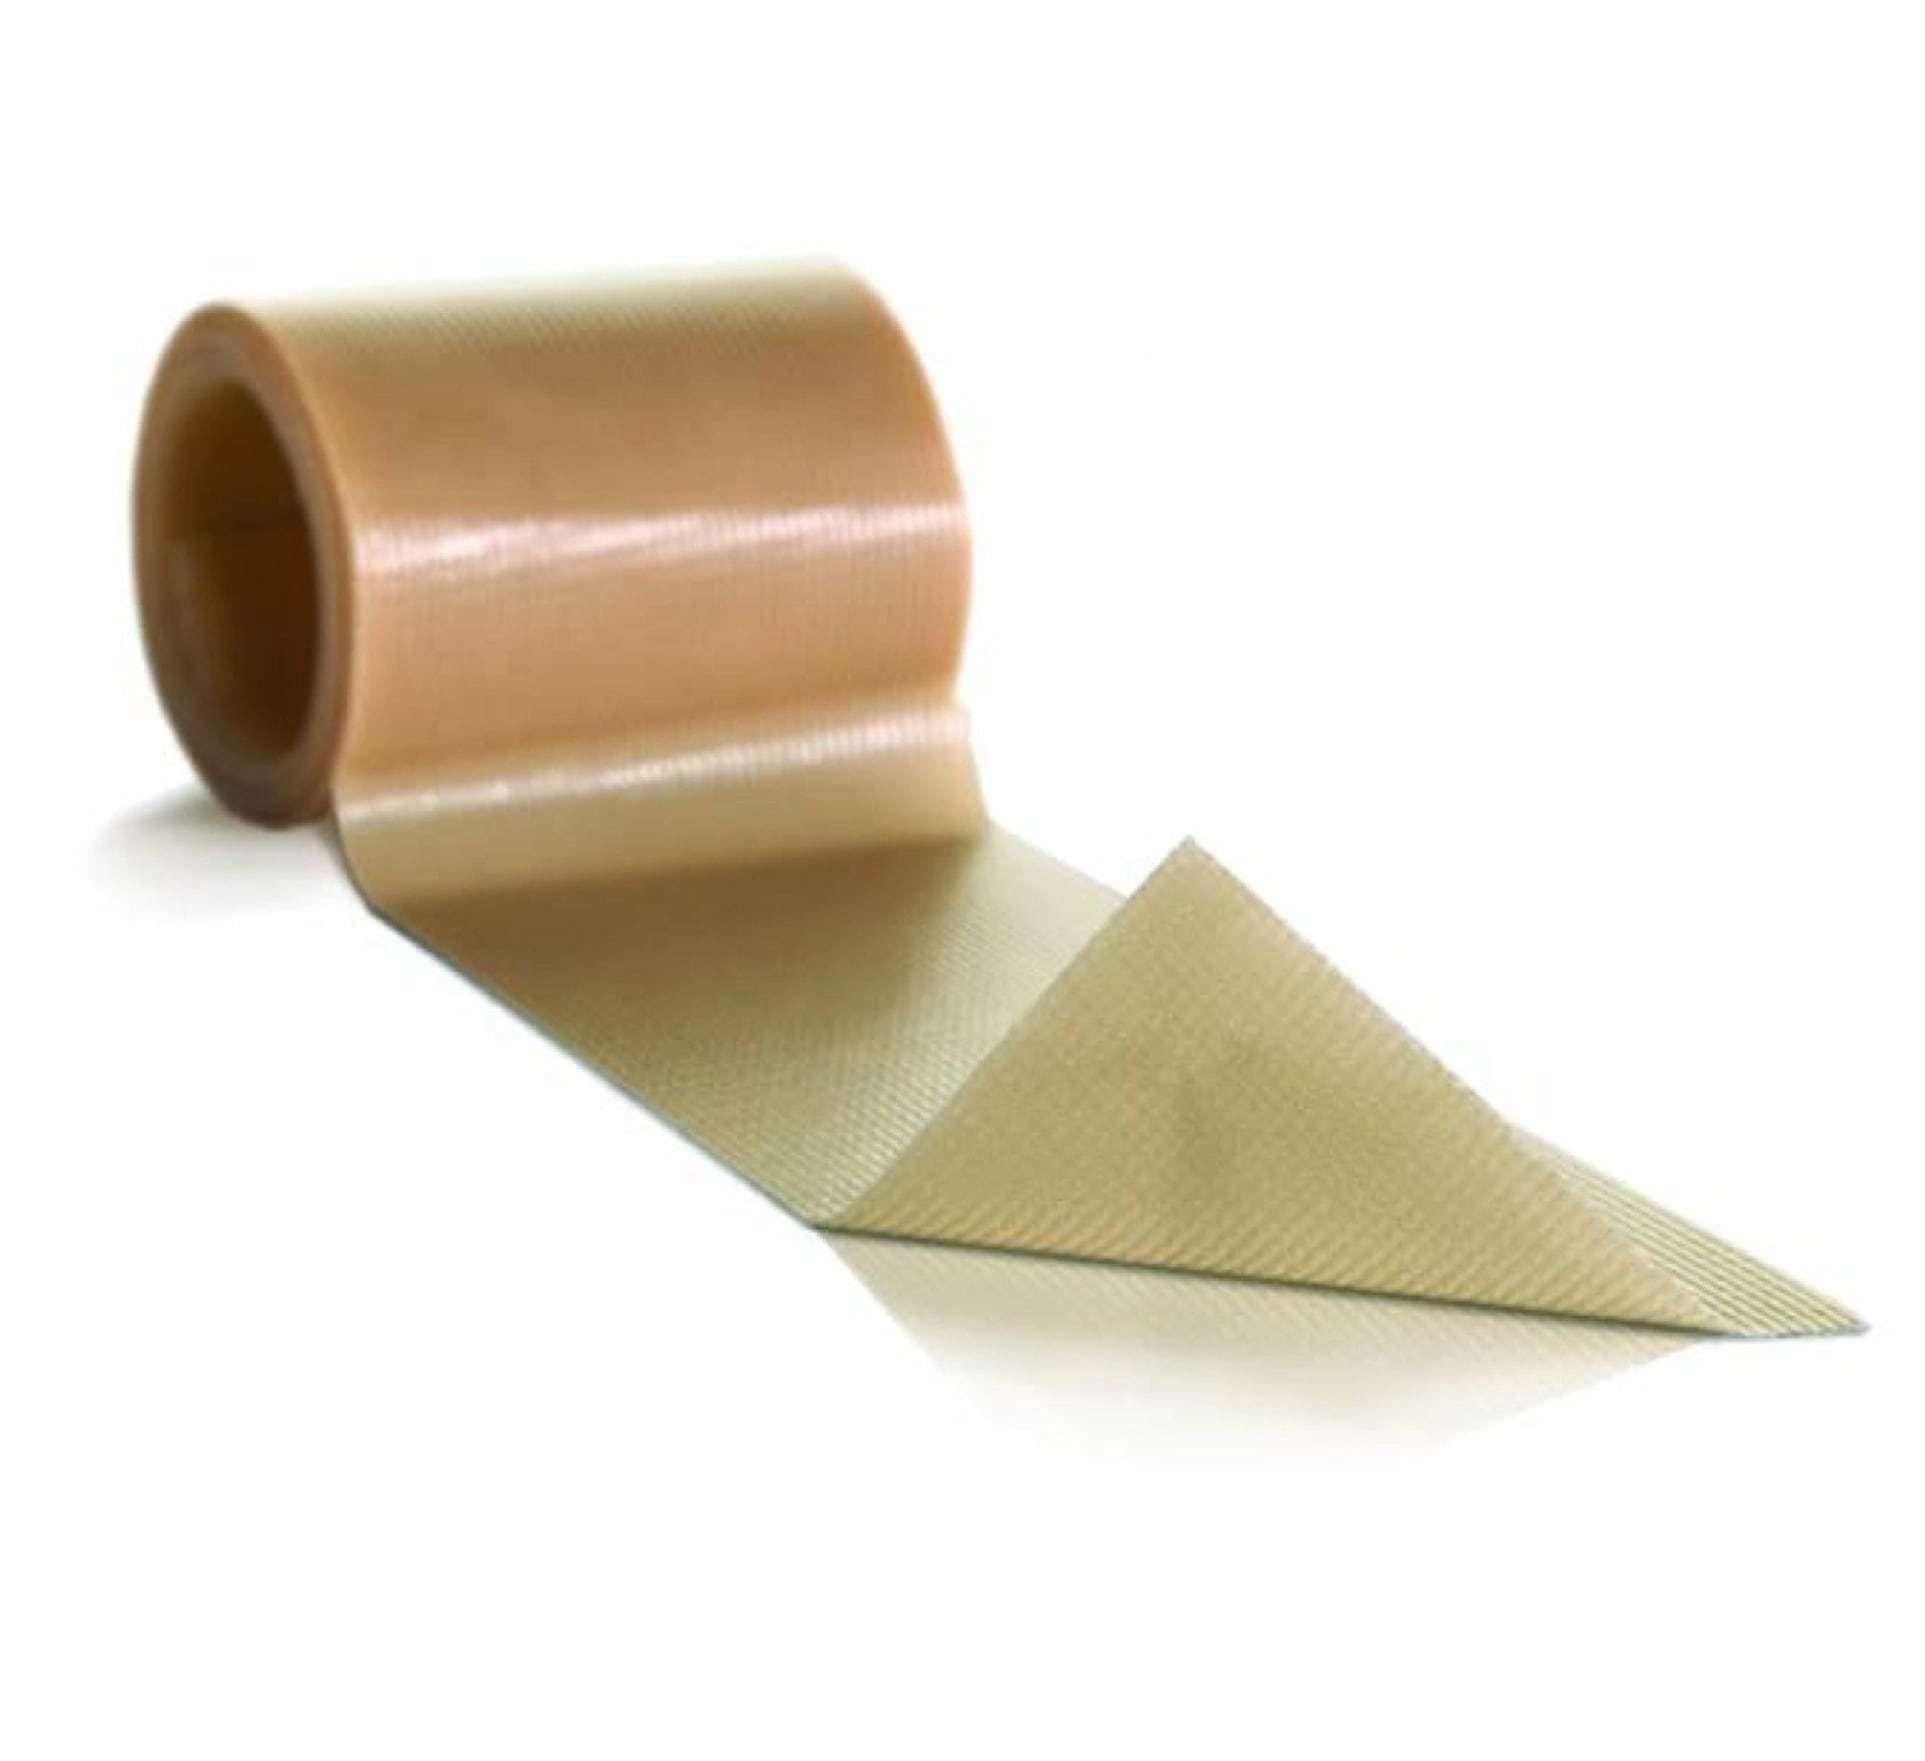 Пластырь Мепитак с силиконом 4смх1,5м